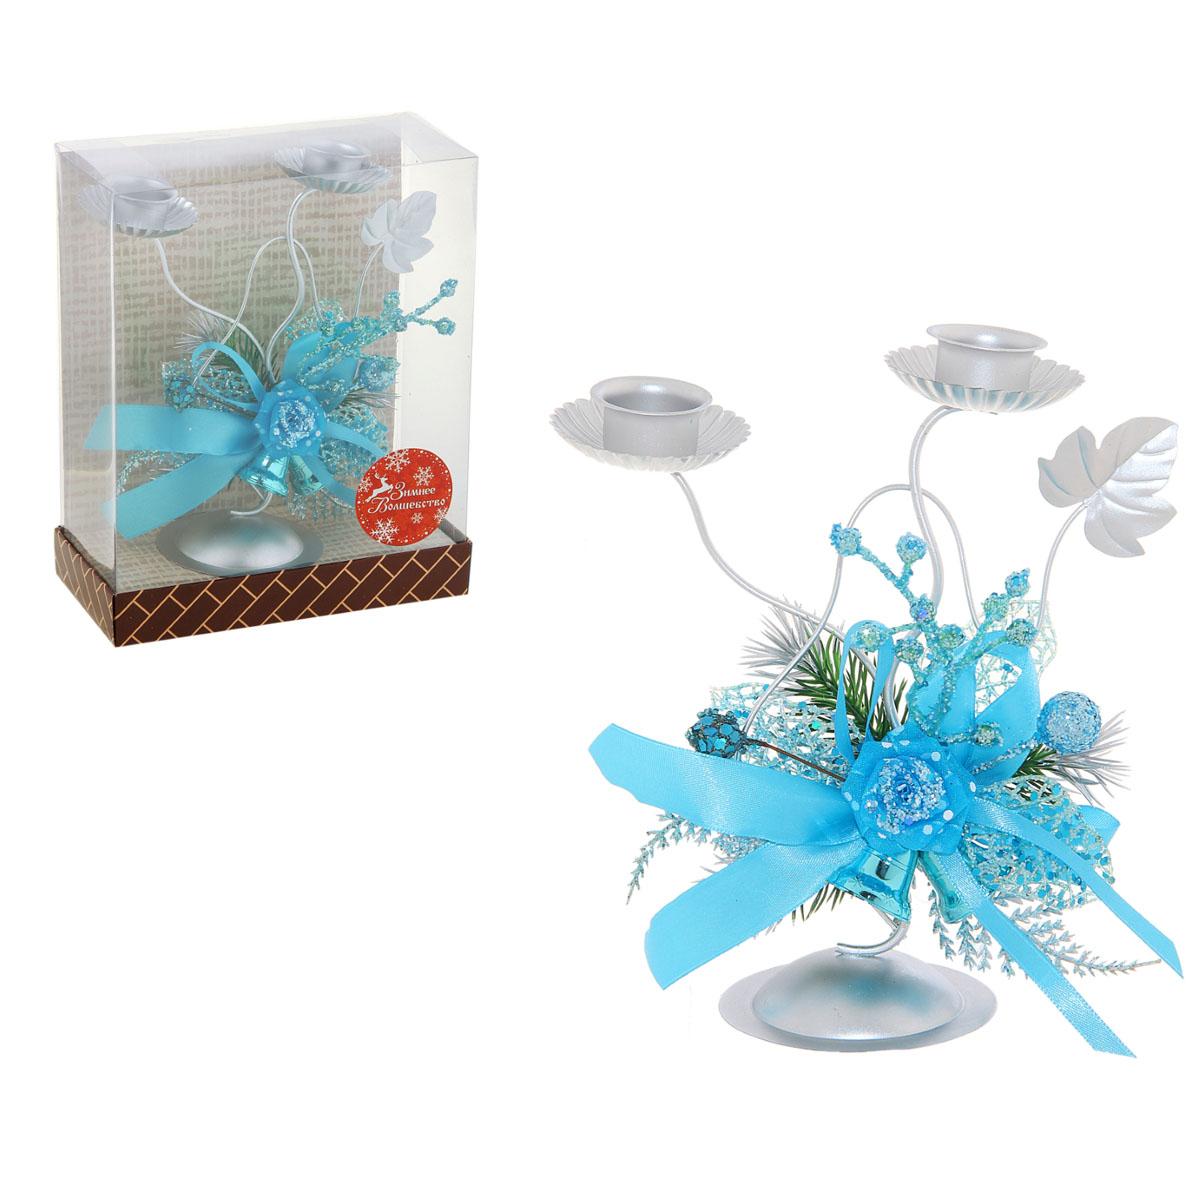 Подсвечник Sima-land Лента, на 2 свечи, цвет: голубой, серебристый813164